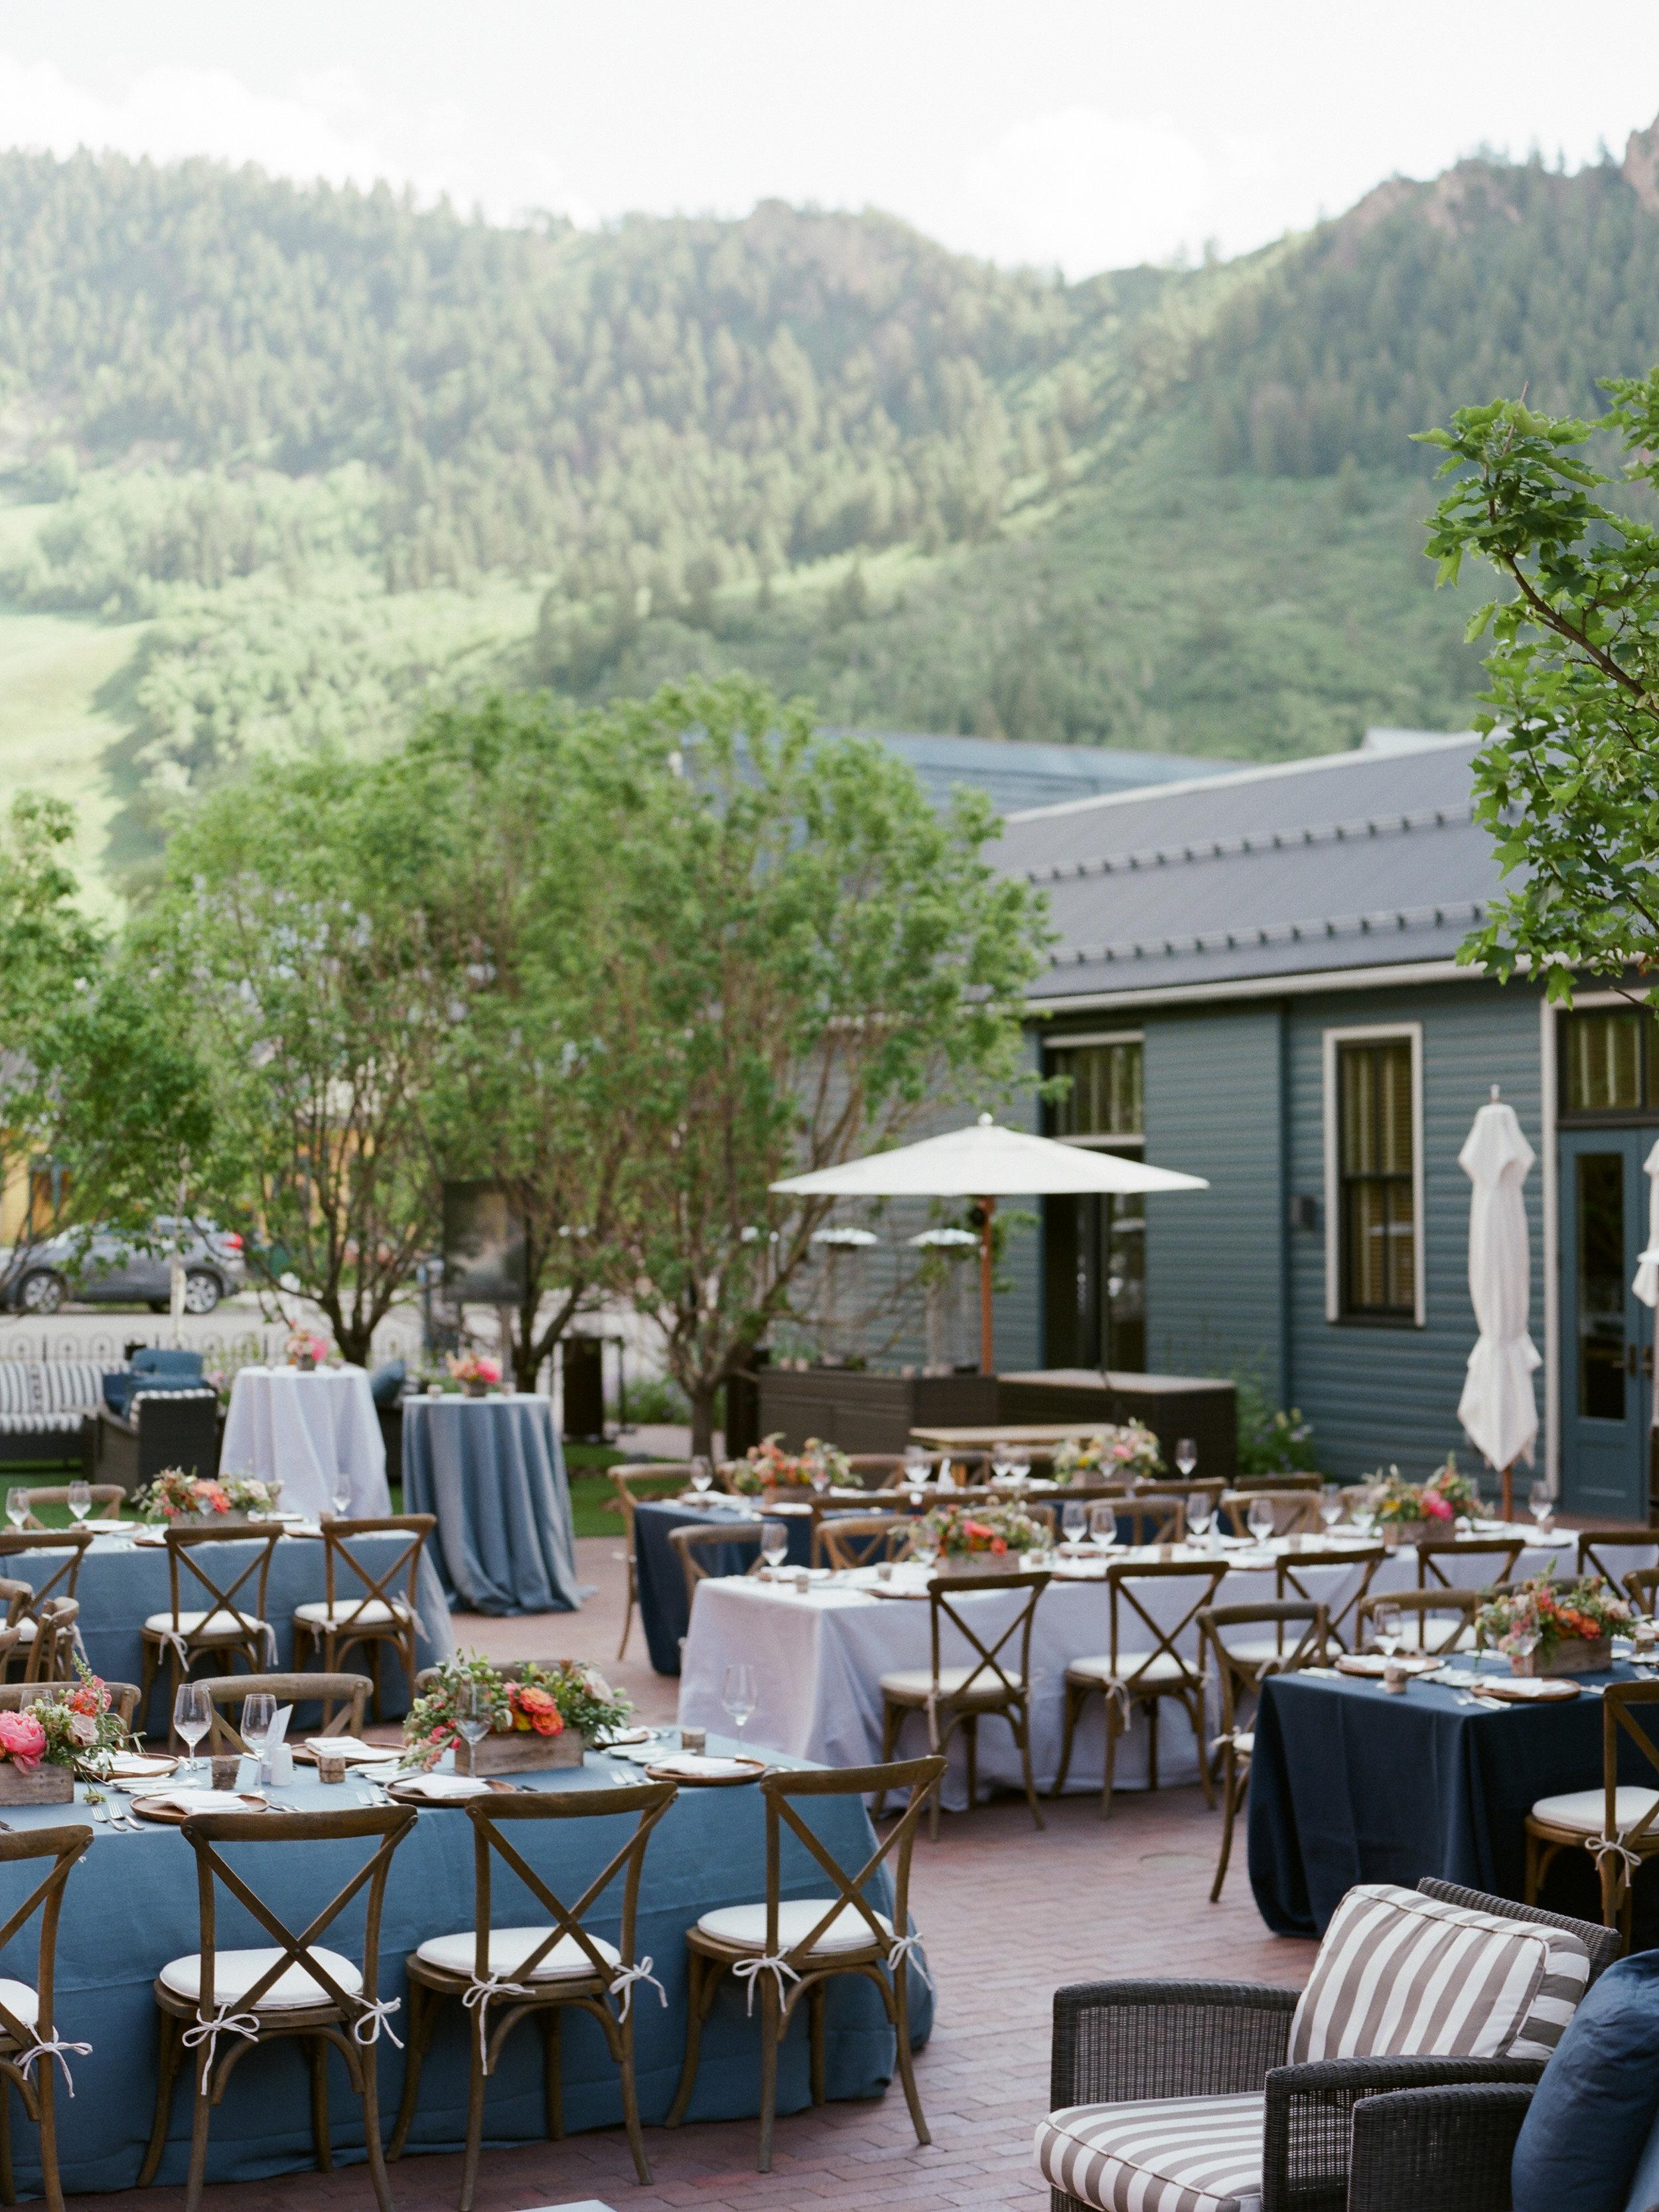 Rehearsal Dinner Details - Aspen, Colorado - Summer Rehearsal Dinner - Julian Leaver Events